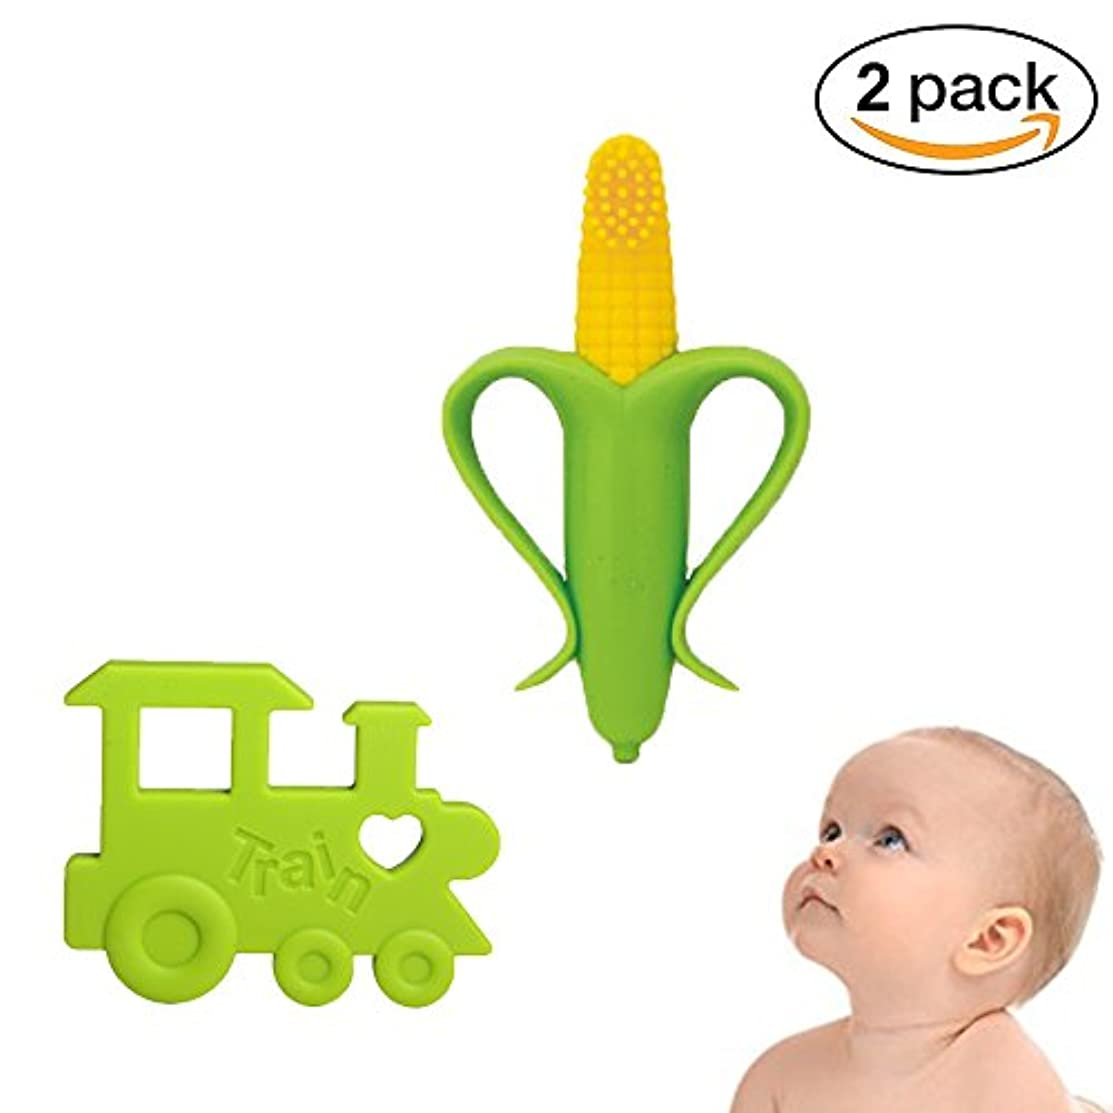 アンタゴニストシンプルなええ電車チュアブル歯が生える玩具、痛み歯茎の痛みを軽減、BPAフリーでINCHANT赤ちゃんシリコーントレーニング歯ブラシやおしゃぶり